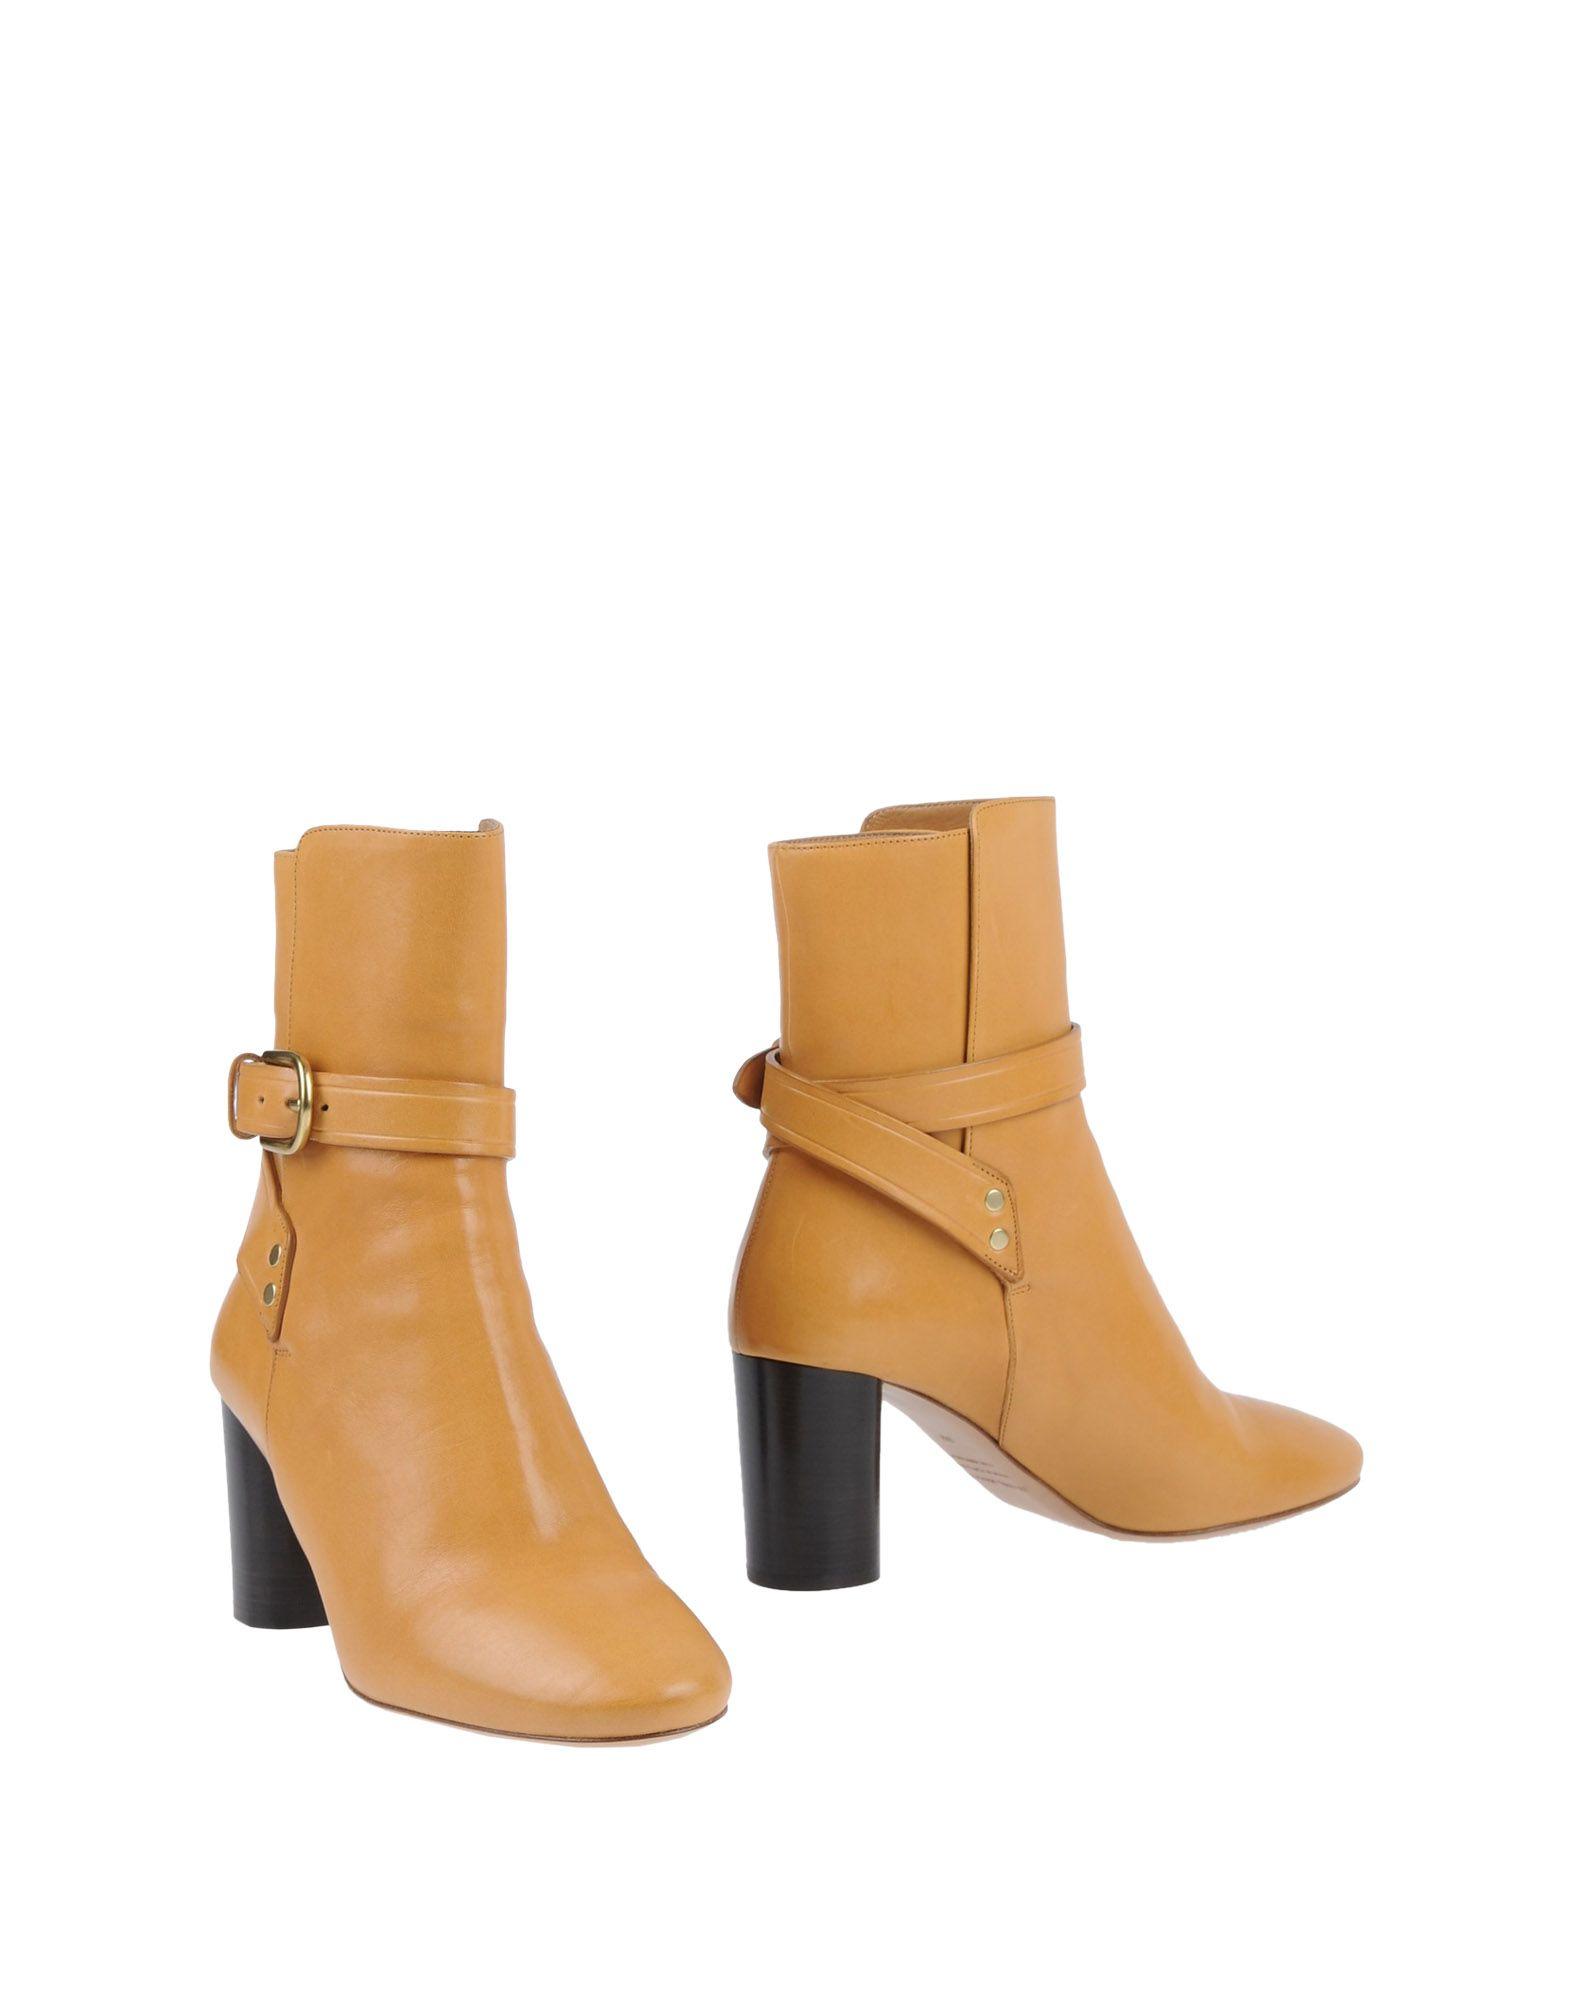 Isabel Marant Stiefelette Damen  11458279CNGünstige gut aussehende Schuhe